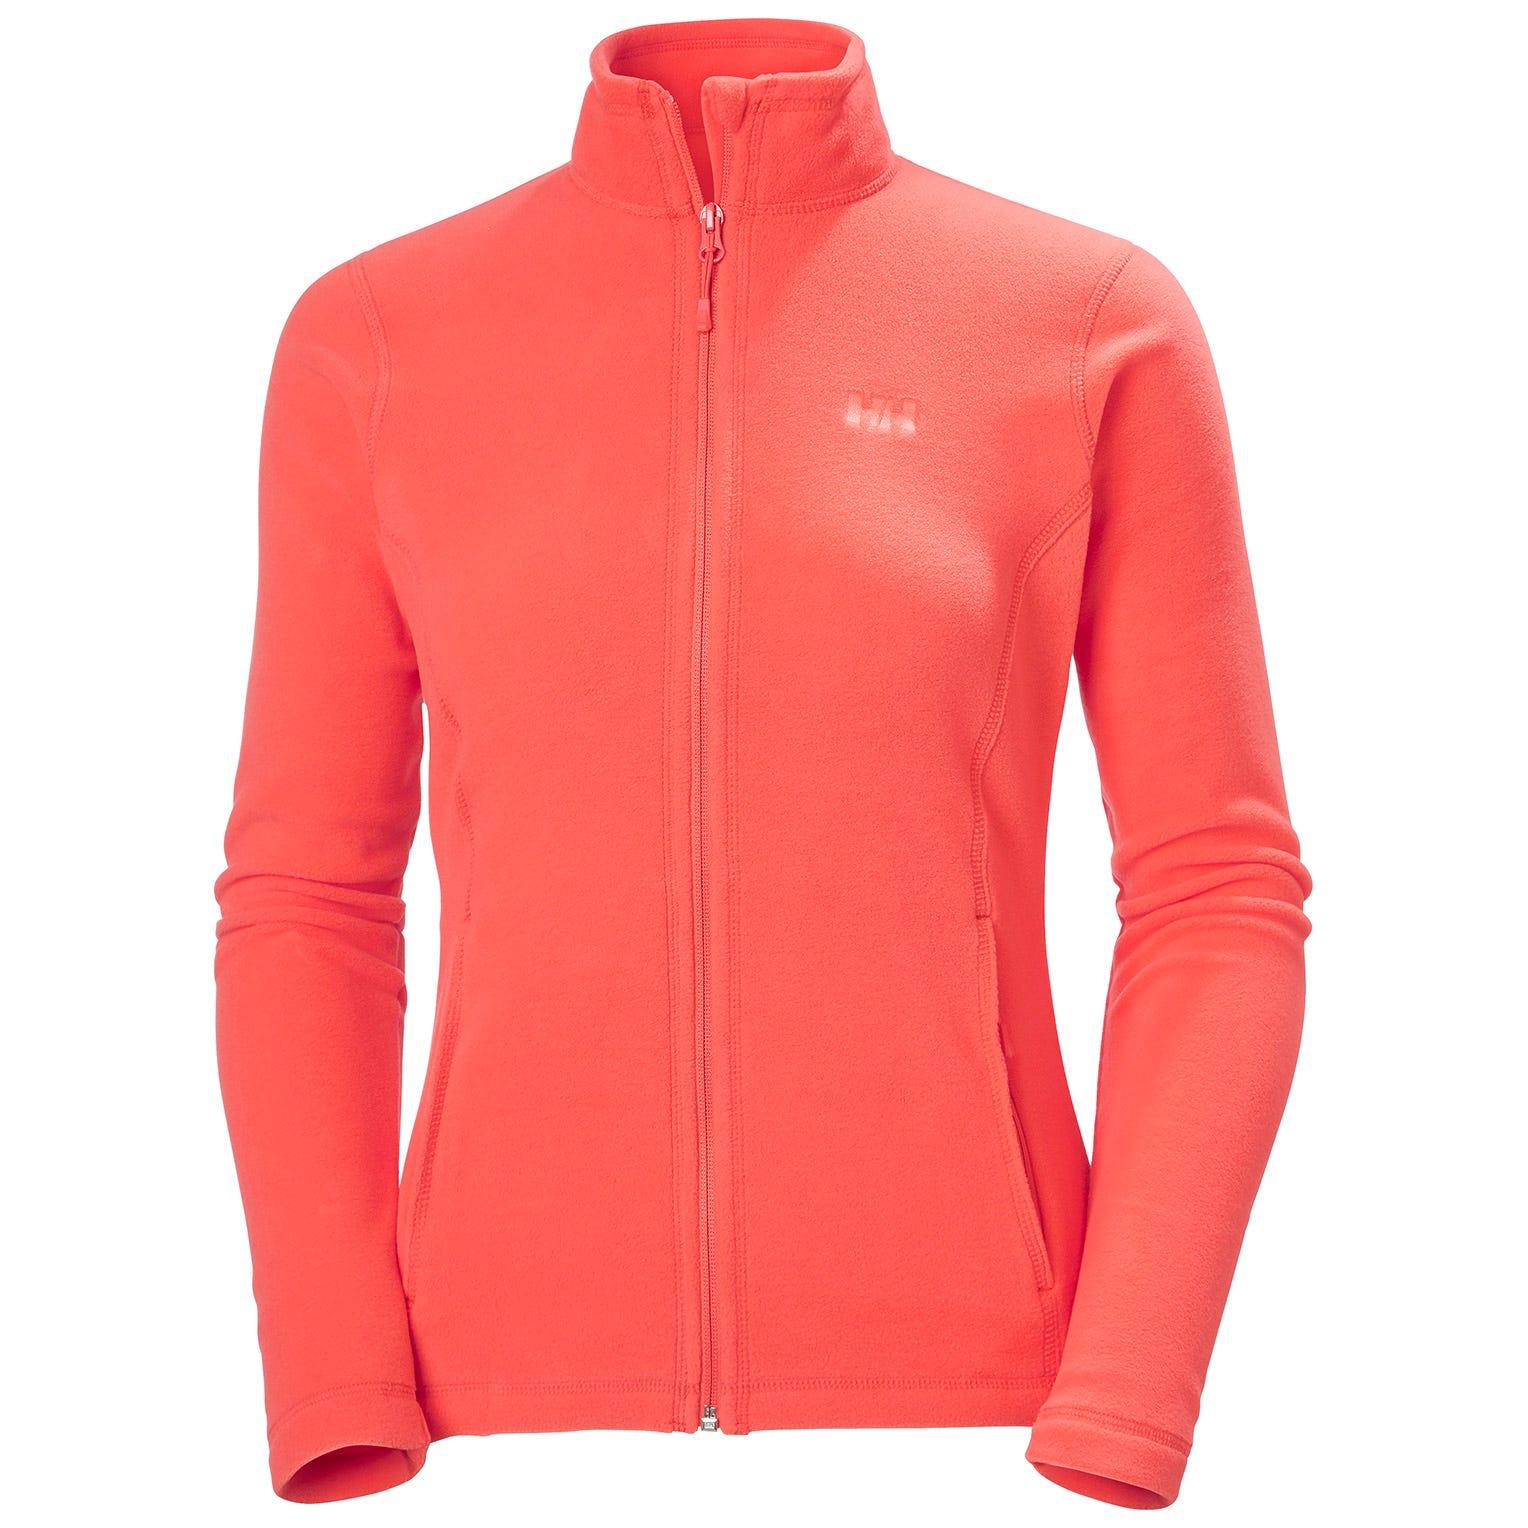 Womens Daybreaker Fleece Jacket With Zip | Uk Helly Hansen Womens XS